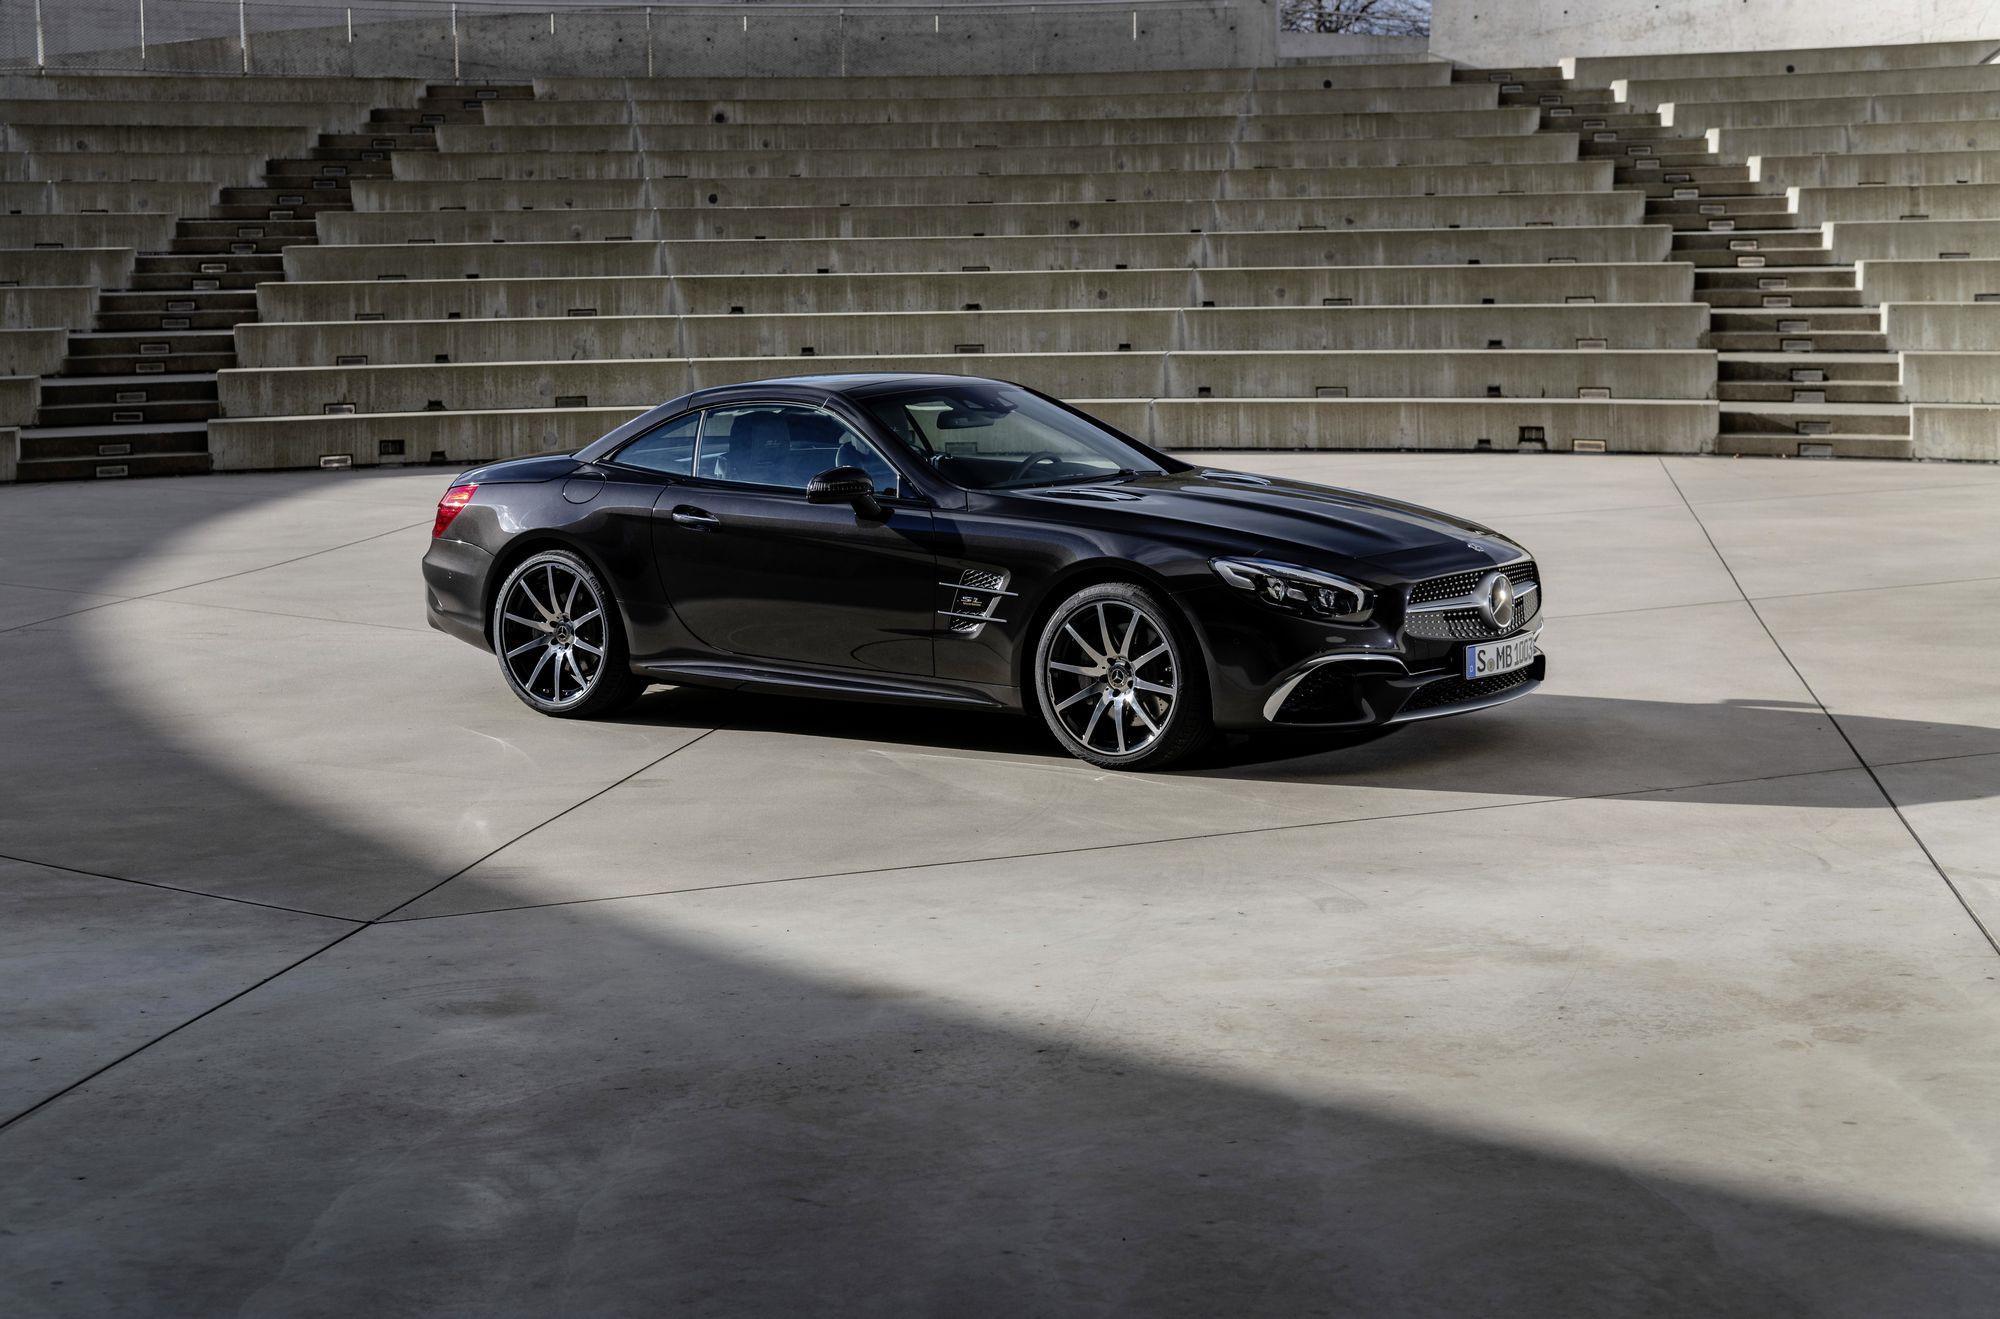 Mui trần hạng sang Mercedes-Benz SL Grand Edition giá từ 130.000 USD Ảnh 7